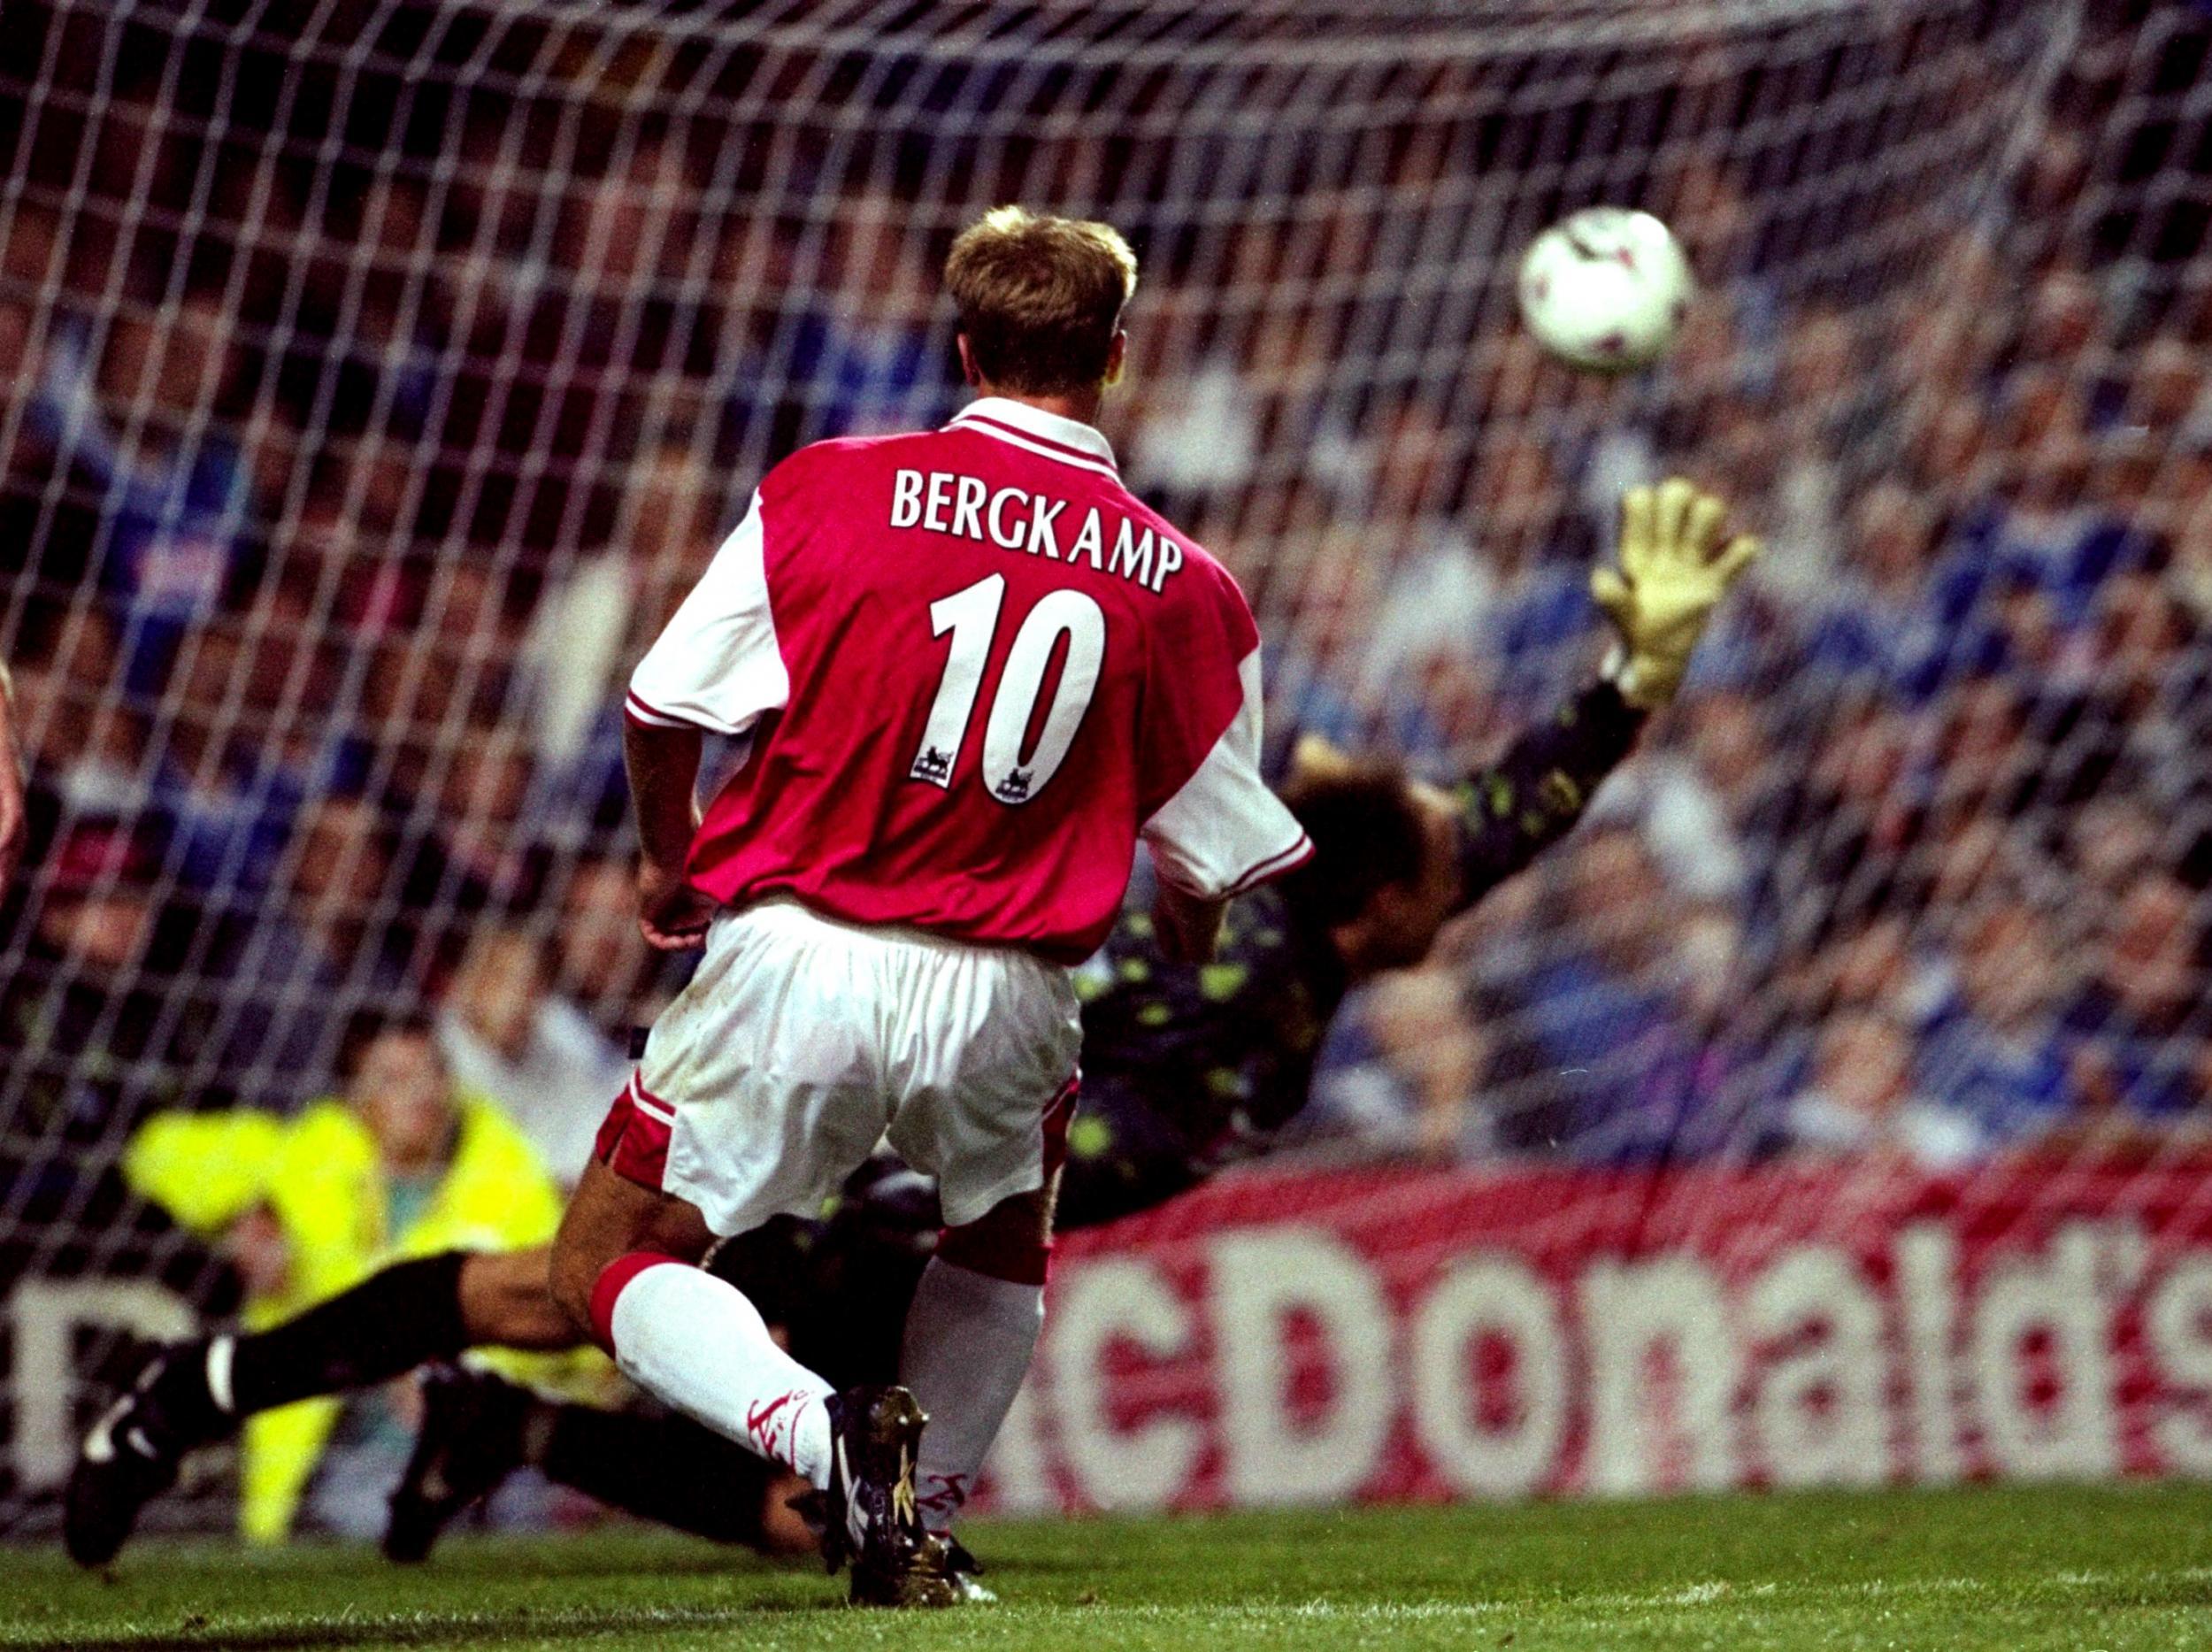 54. Dennis Bergkamp